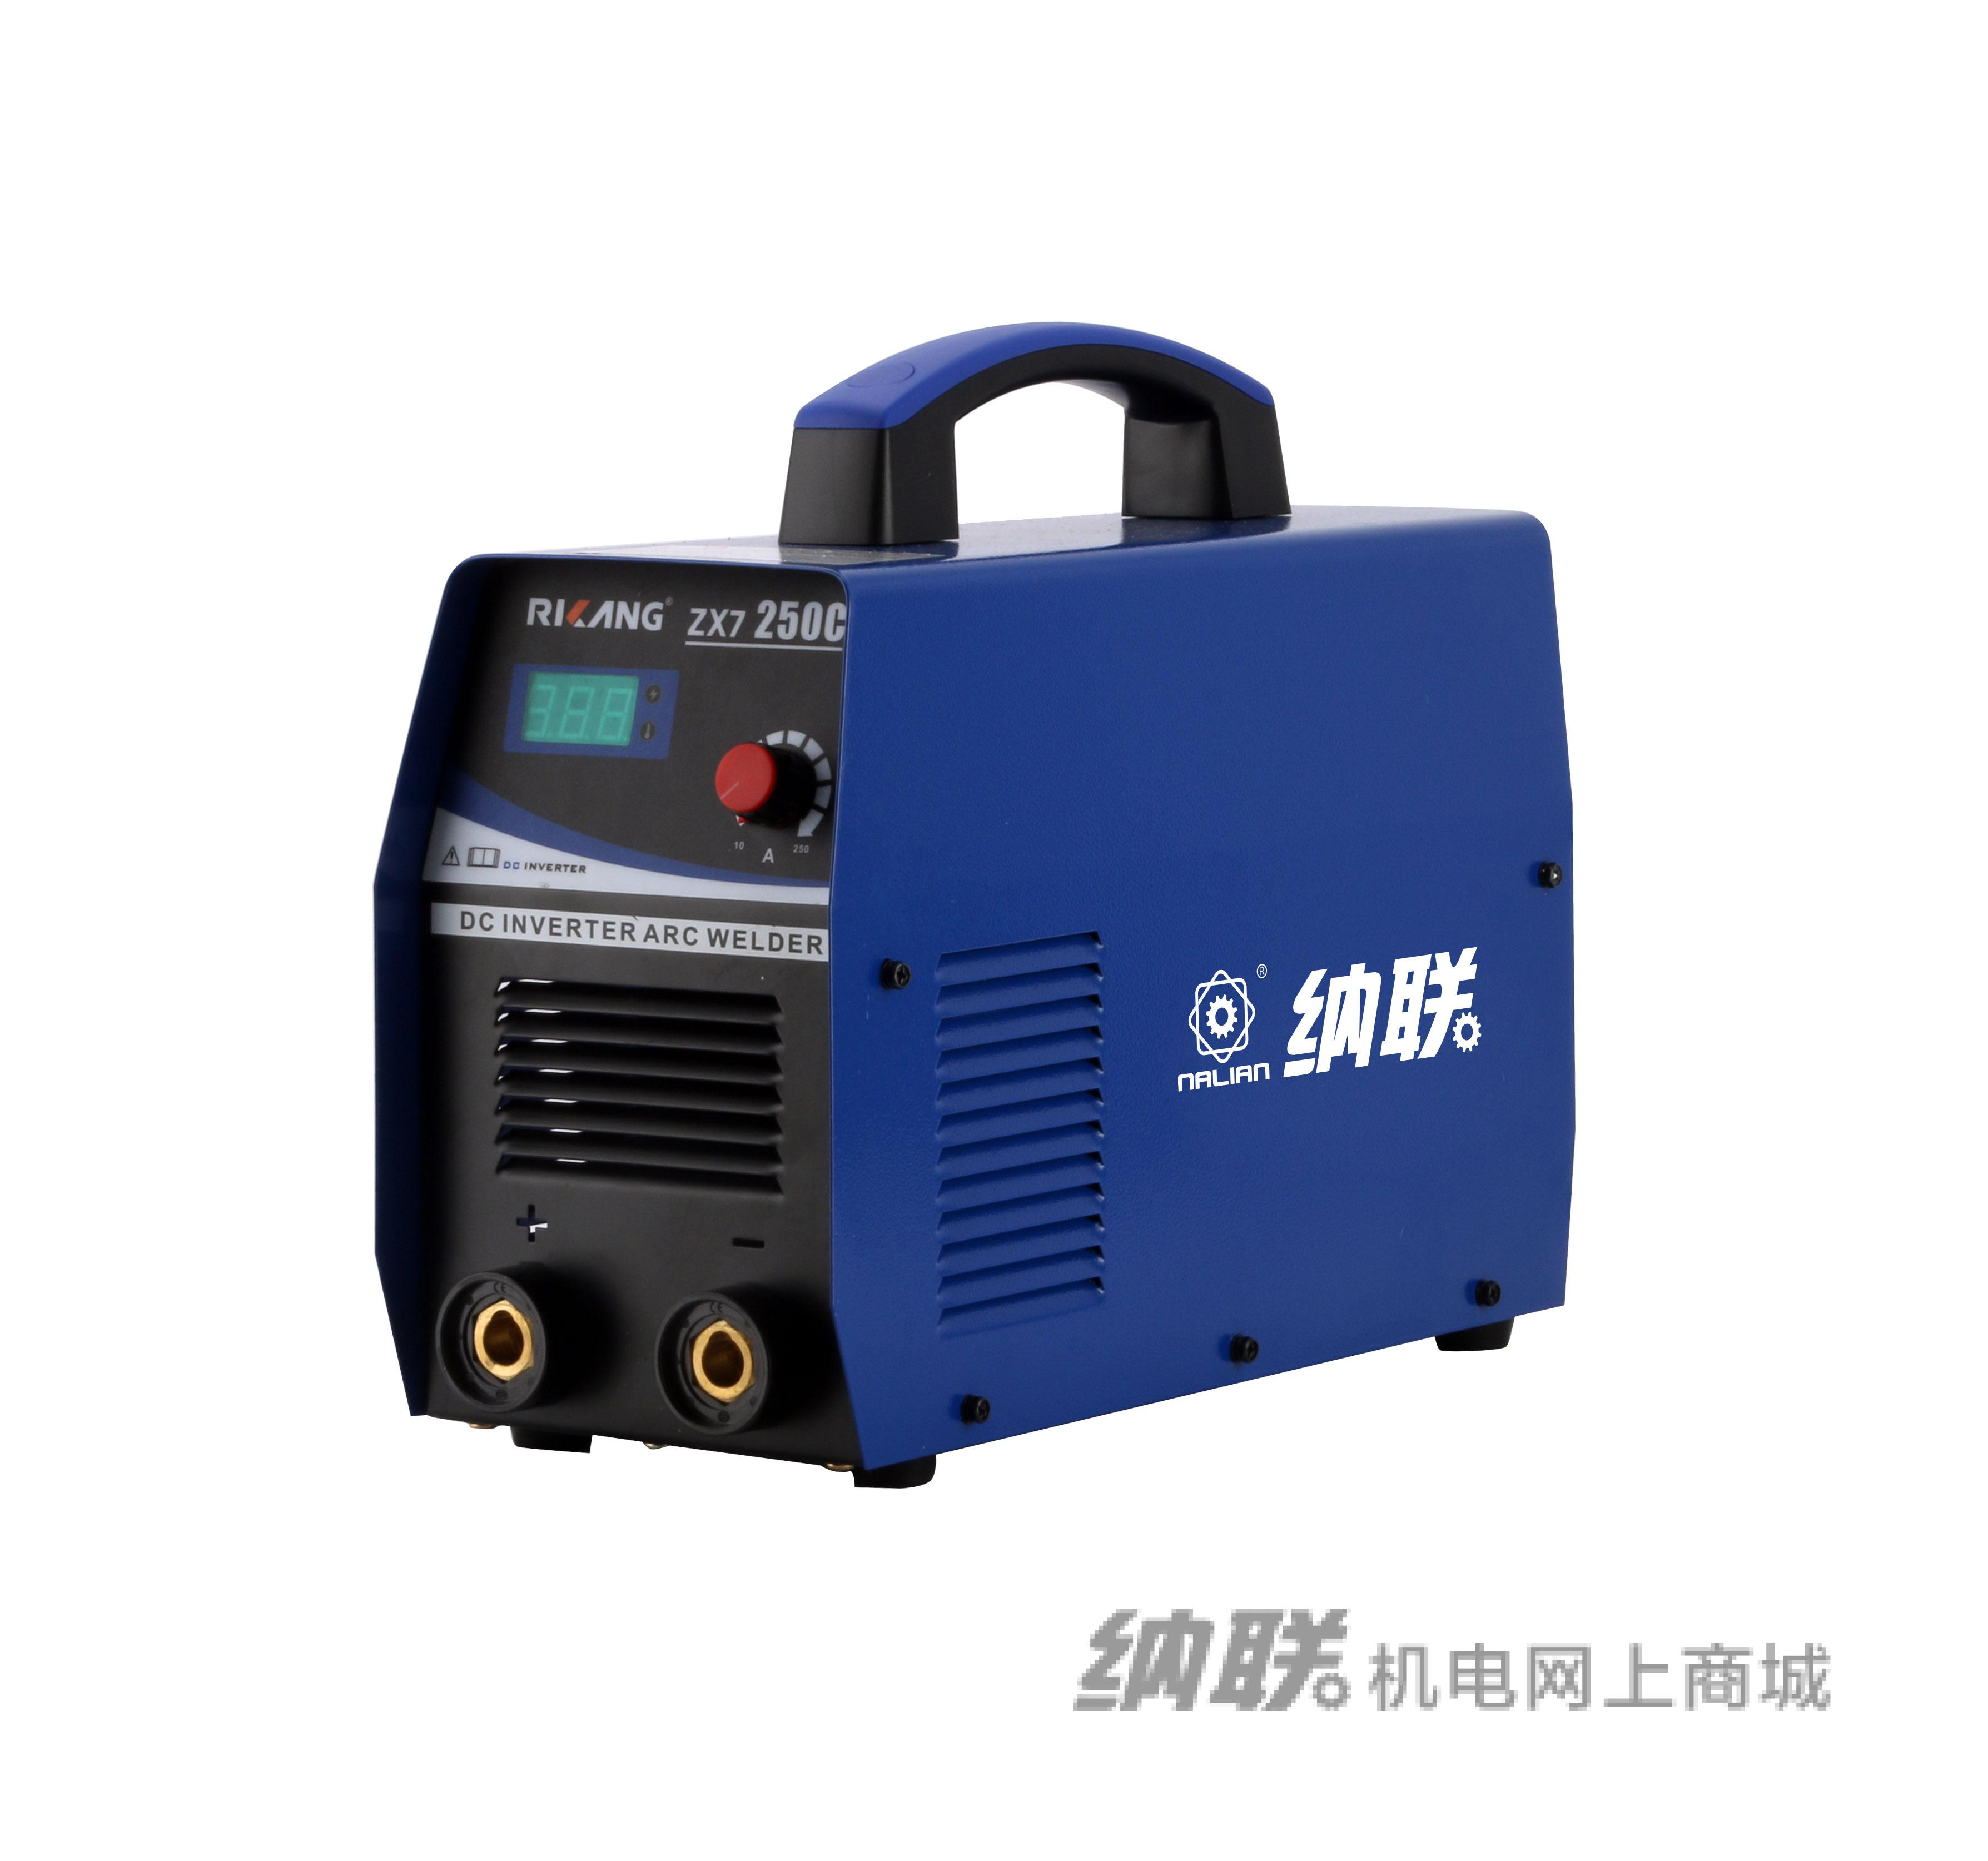 纳联机电 逆变直流氩弧焊机-TIG-200S 单相